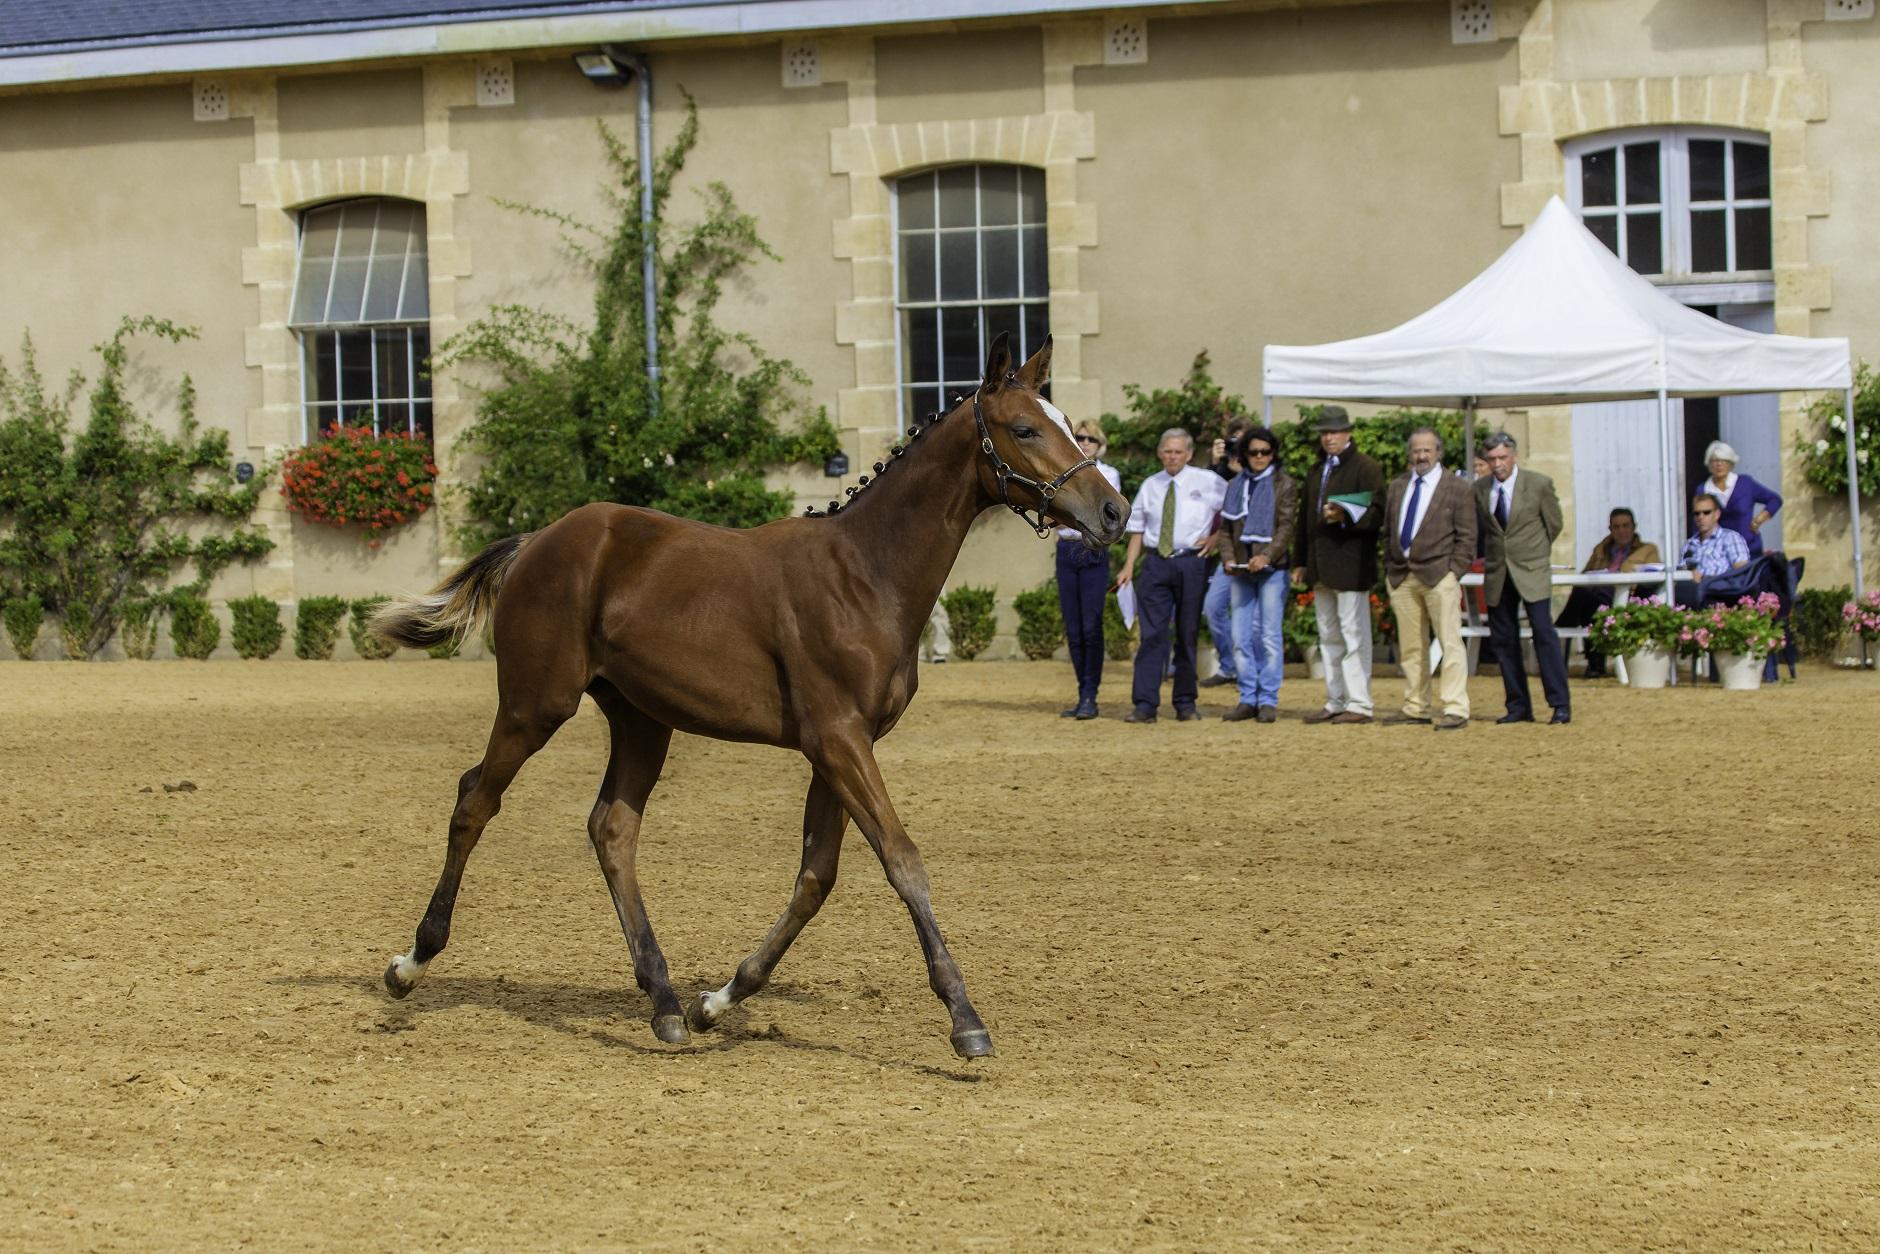 Concours d'élevage : présenter son cheval à l'examen des allures